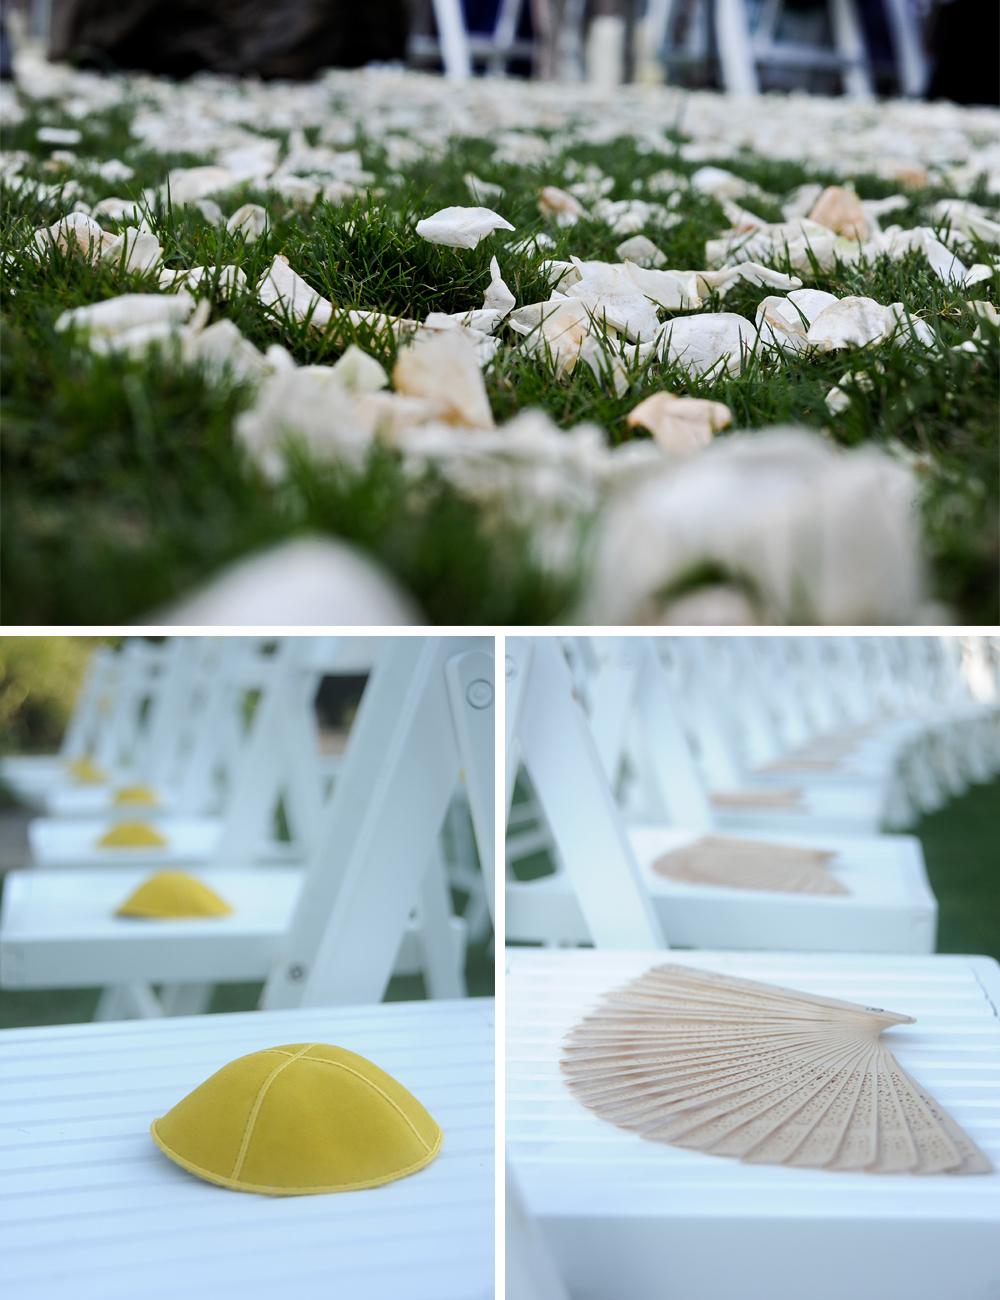 ISRAELI GARDEN WEDDING 2